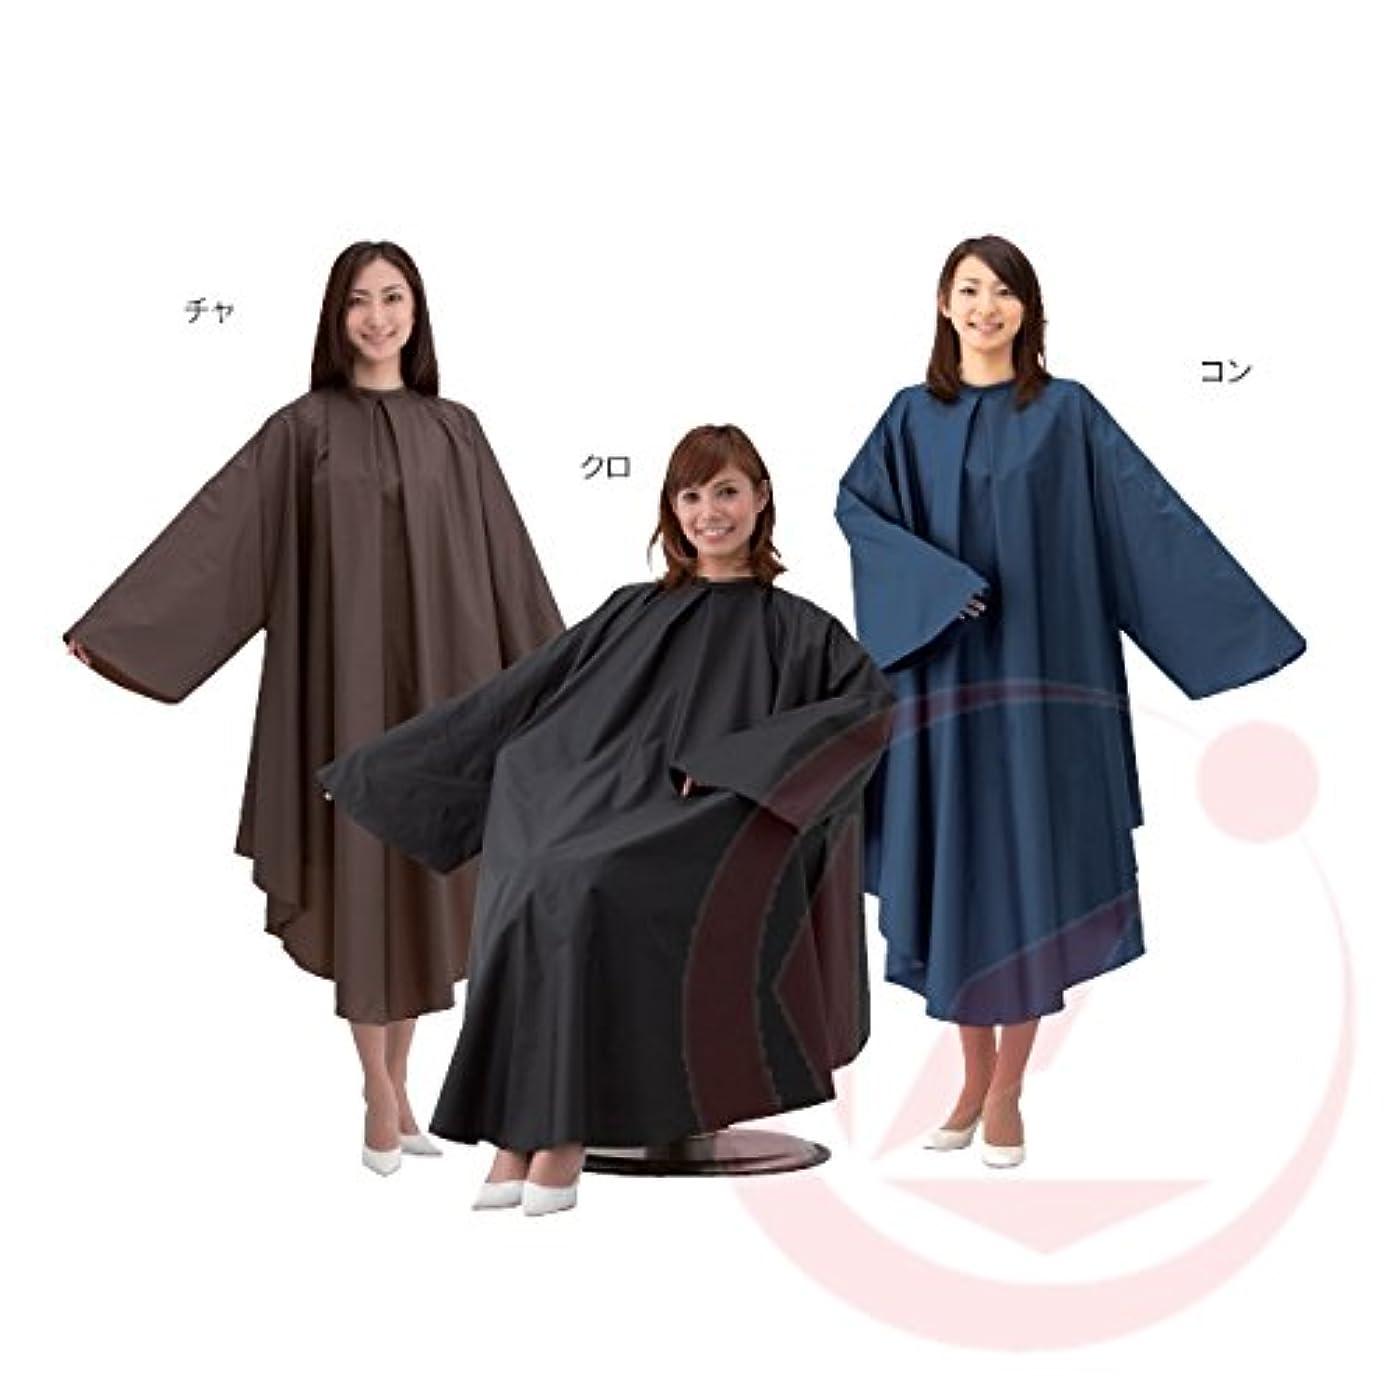 息苦しいページ品カトレア袖付高密度ナイロンヘアダイクロス1080(ヘアダイ?パーマ用) 黒色